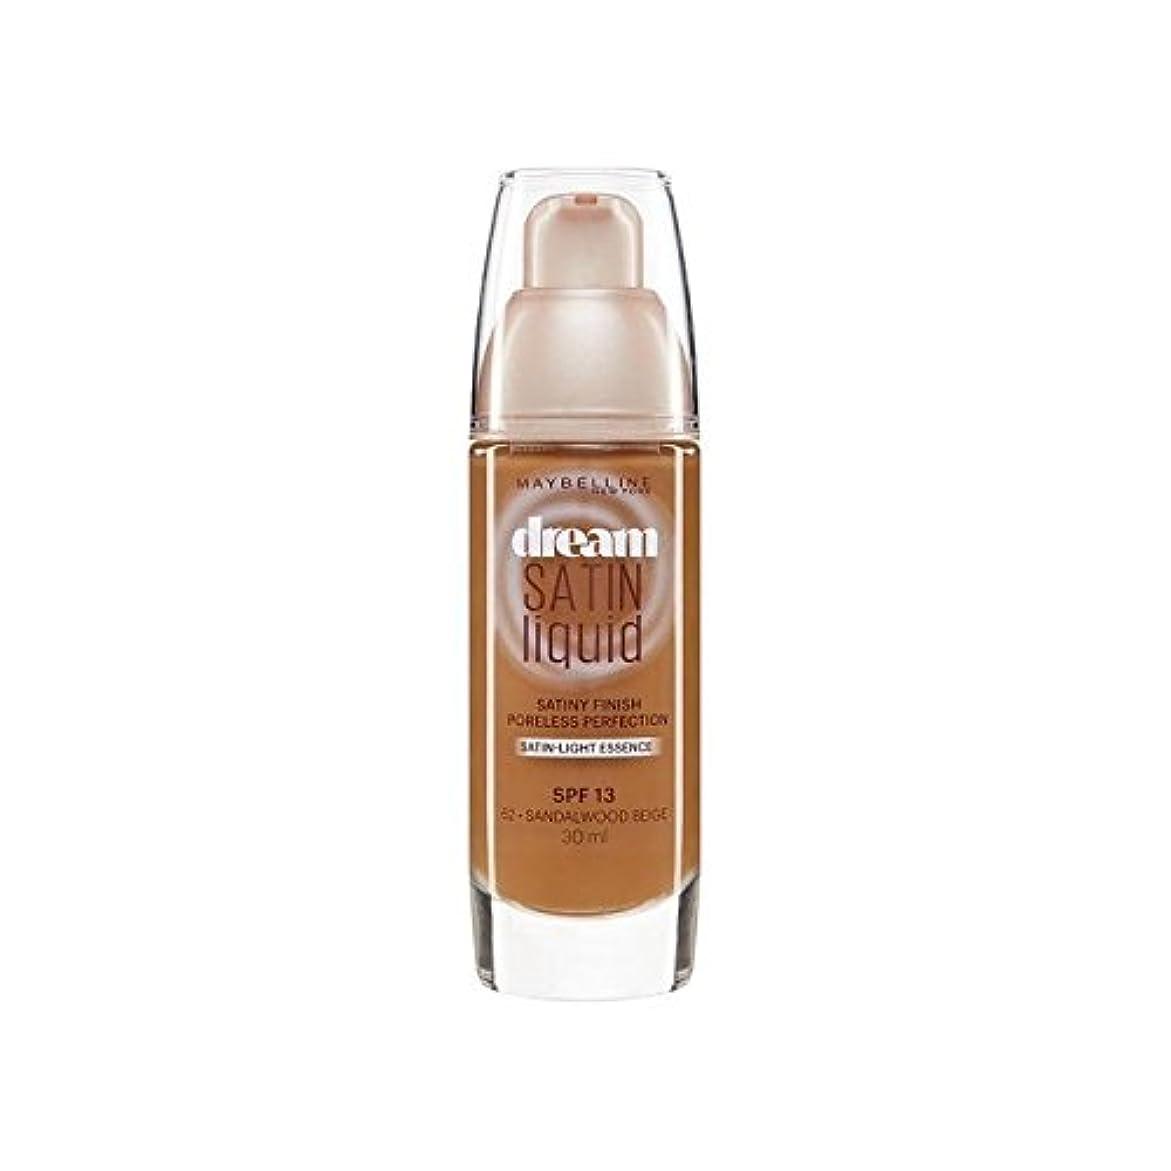 ビリーブレーク甘やかすメイベリン夢サテンリキッドファンデーション64深いスパイス30ミリリットル x4 - Maybelline Dream Satin Liquid Foundation 64 Deep Spice 30ml (Pack of...